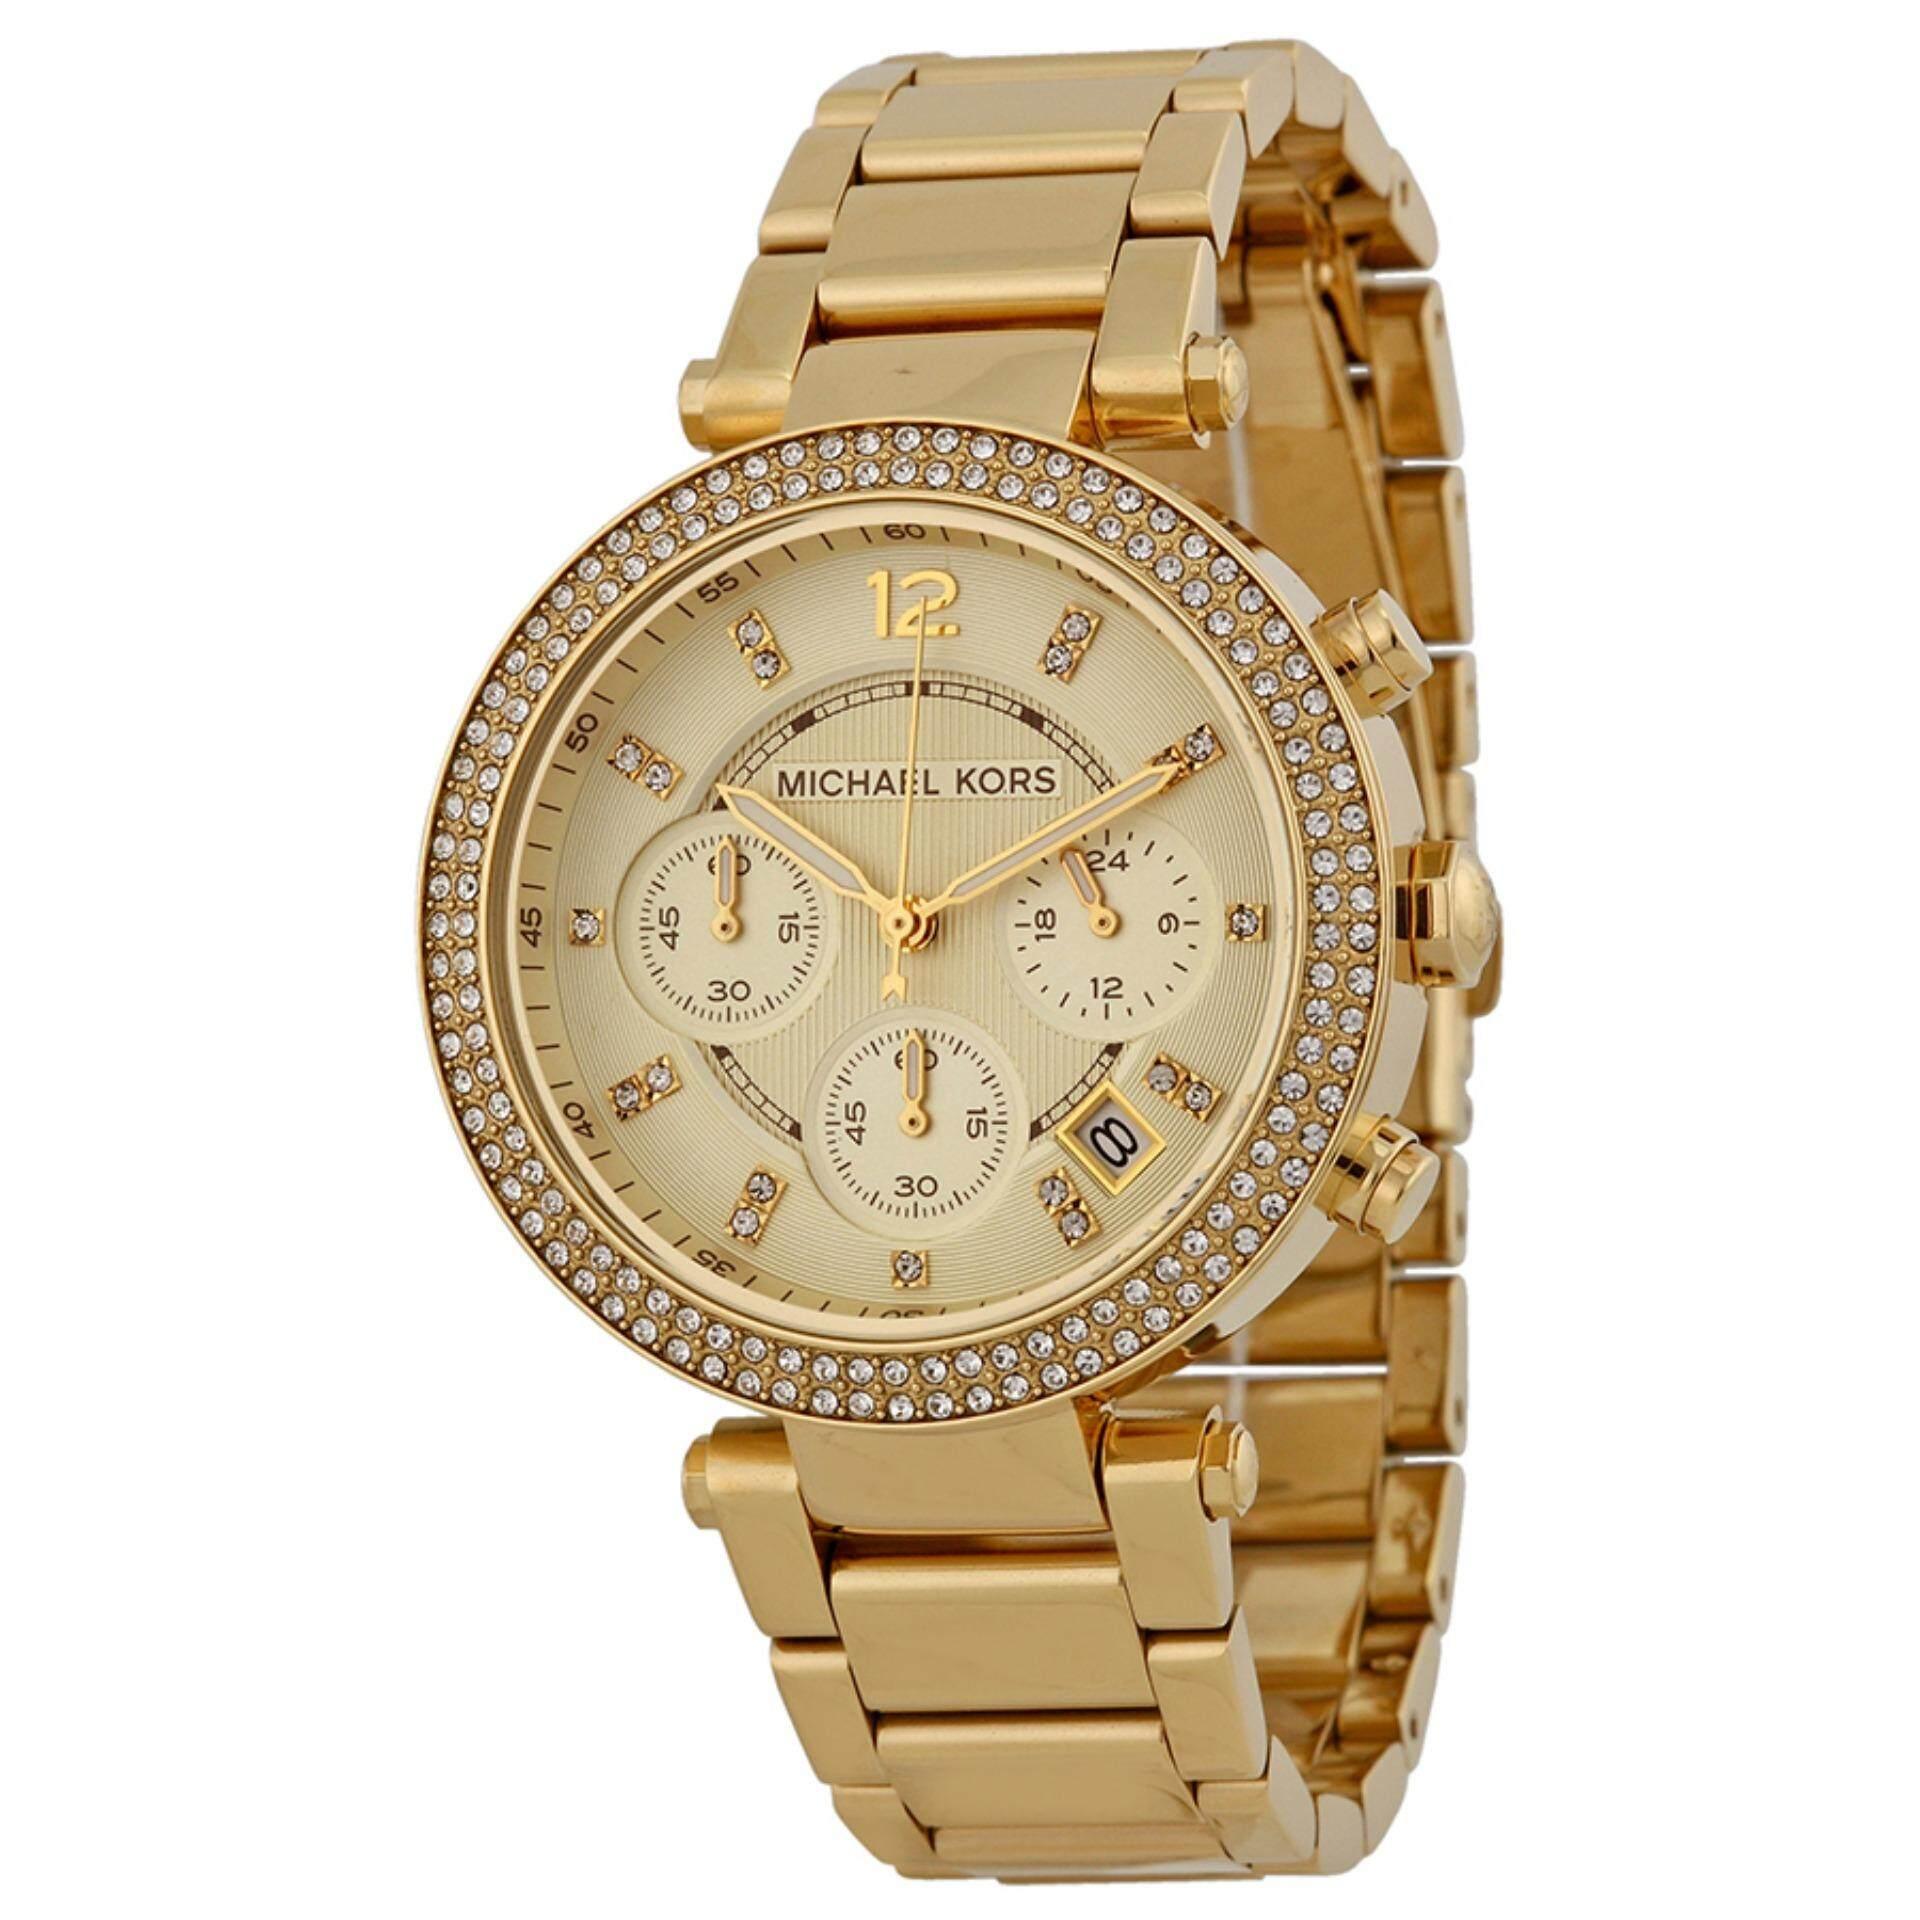 3061227578a5 Michael Kors Women s Parker Chronograph Crystal Bezel Gold Watch MK5354